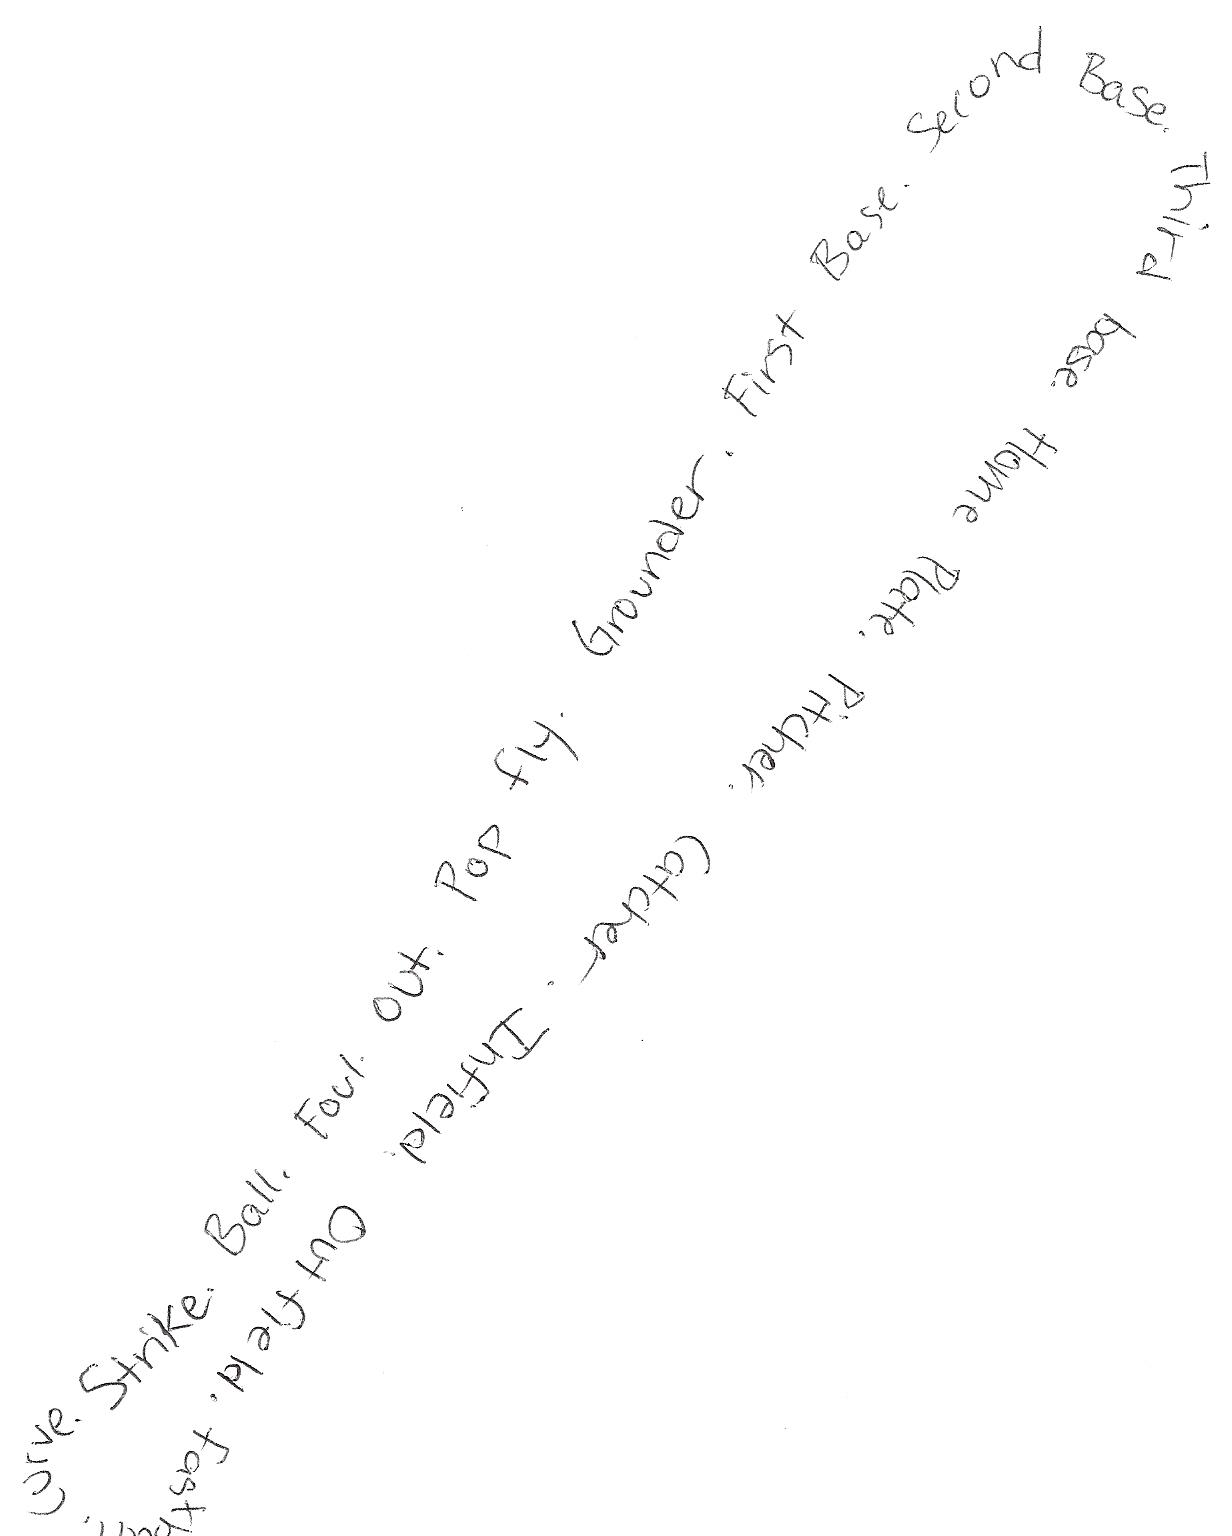 Logan's Blog: Concrete Poem